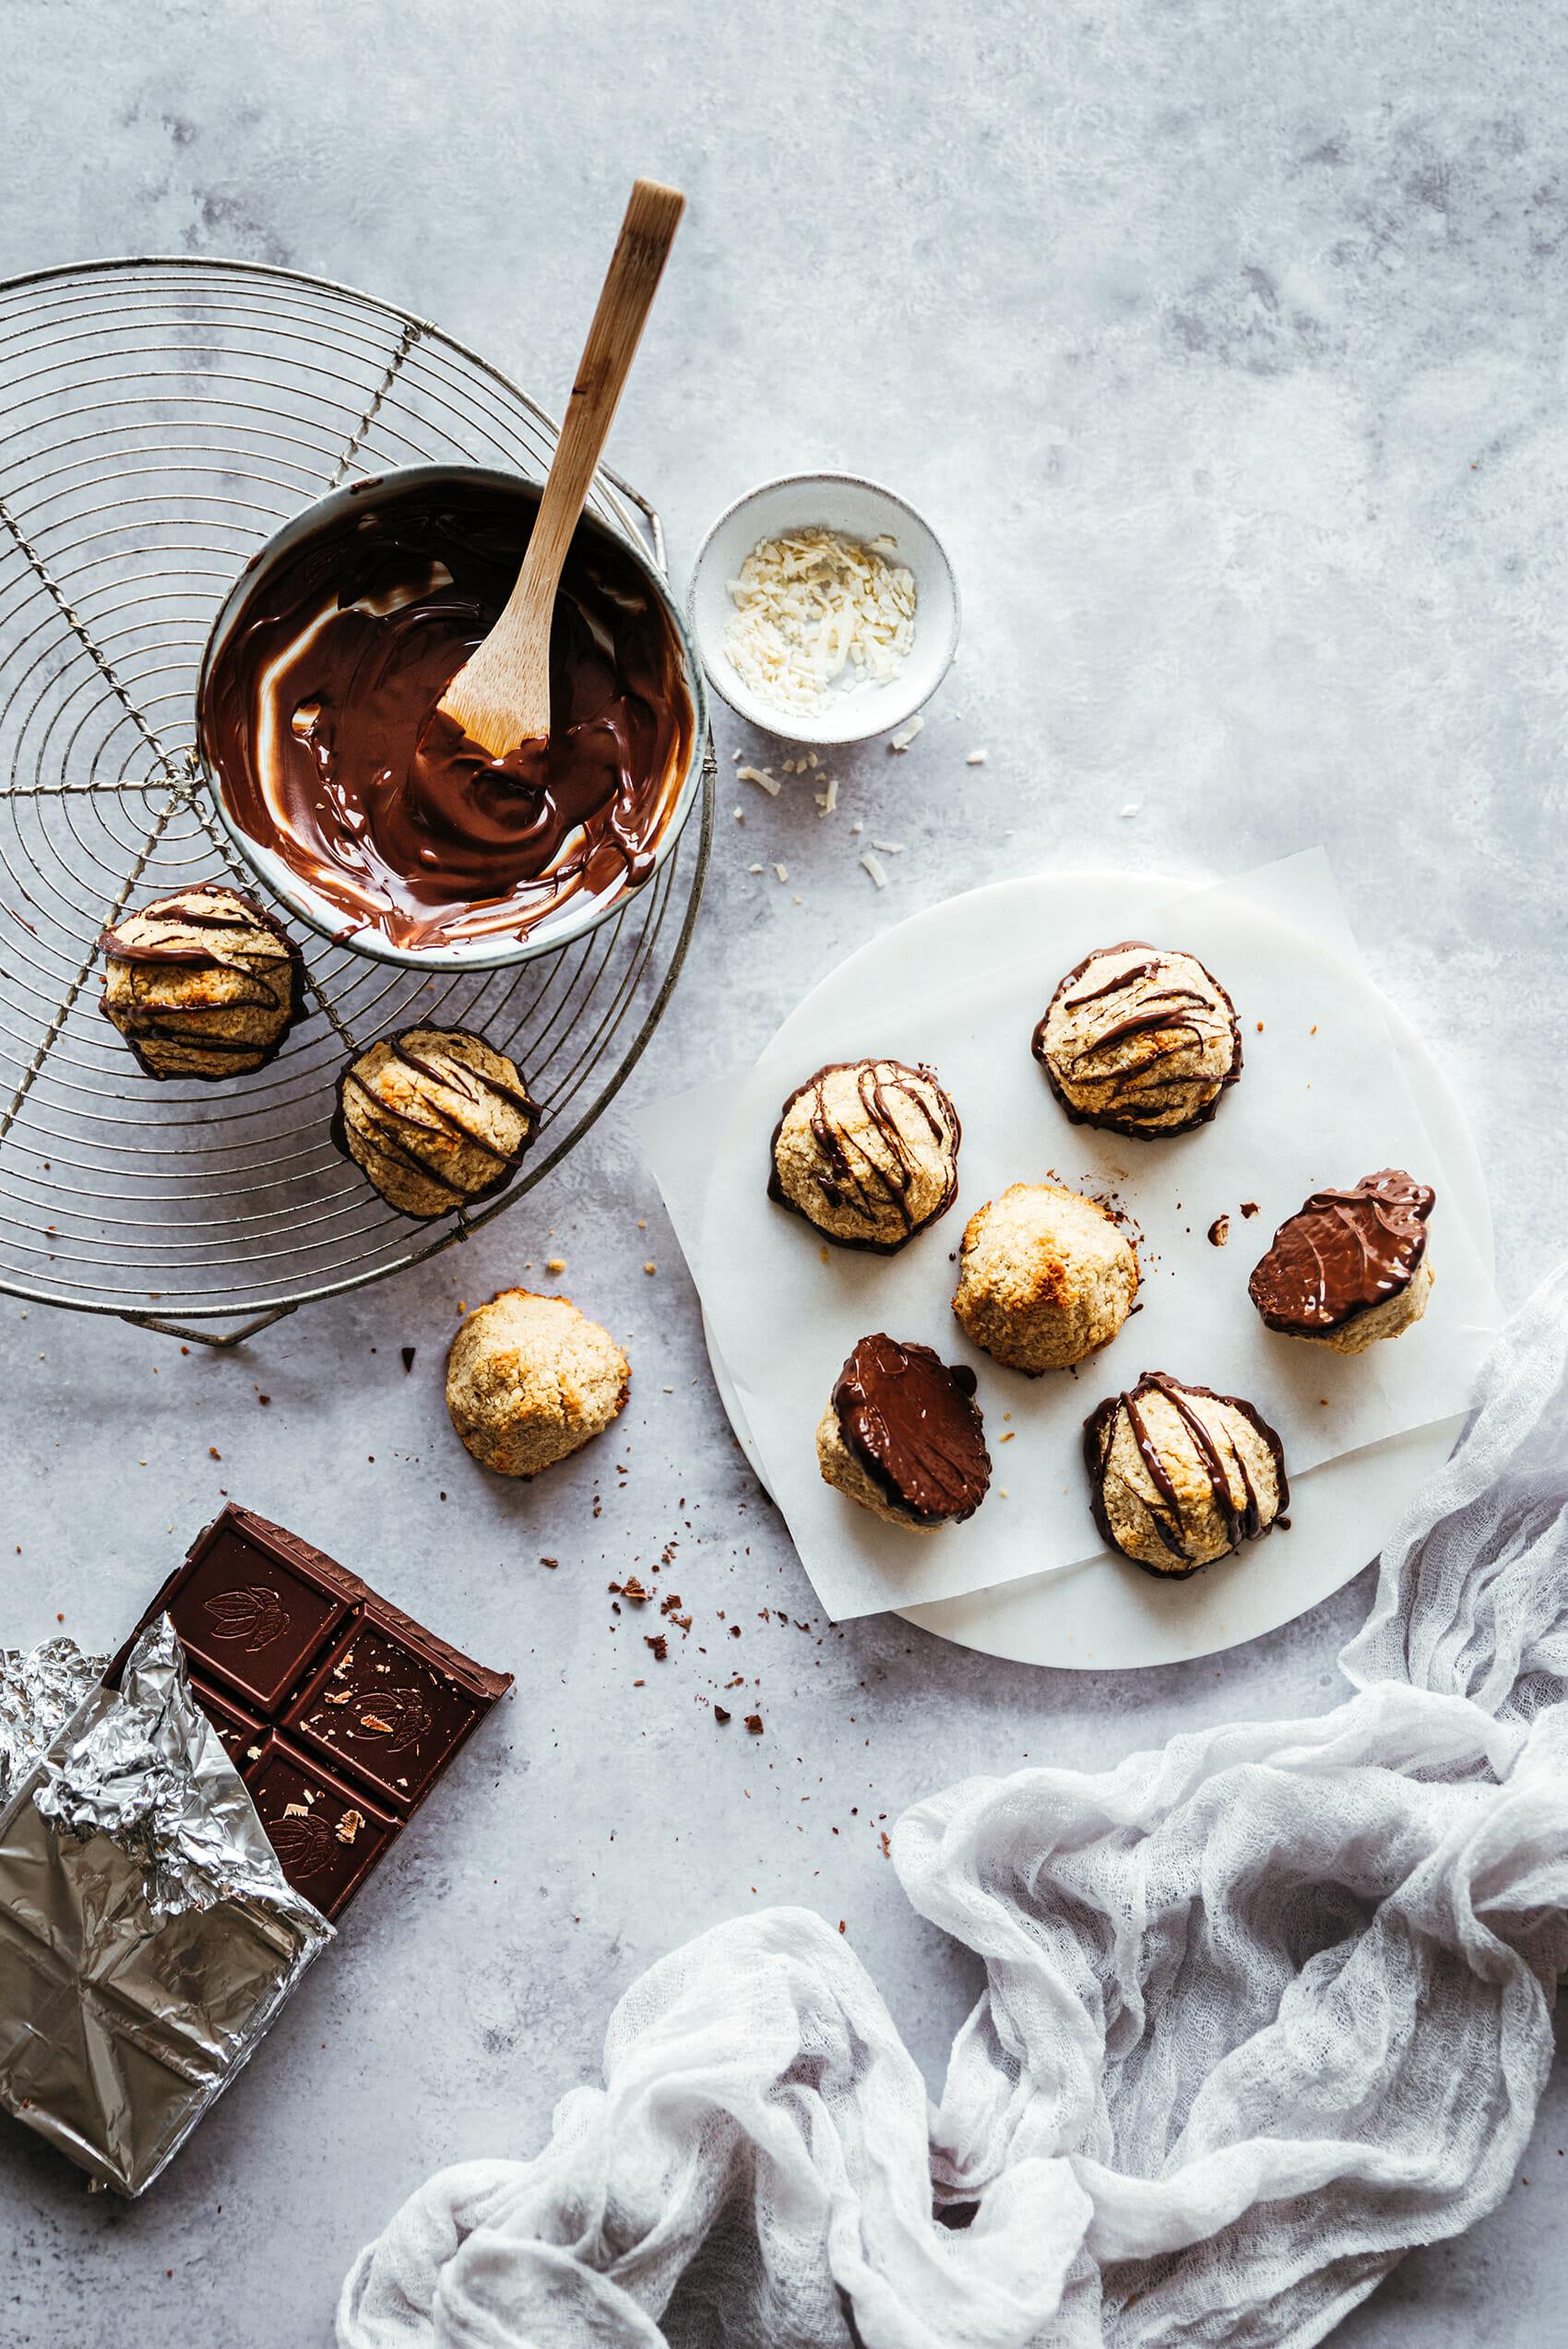 Rochers noix de coco-amandes glaçage chocolat - Lilie Bakery